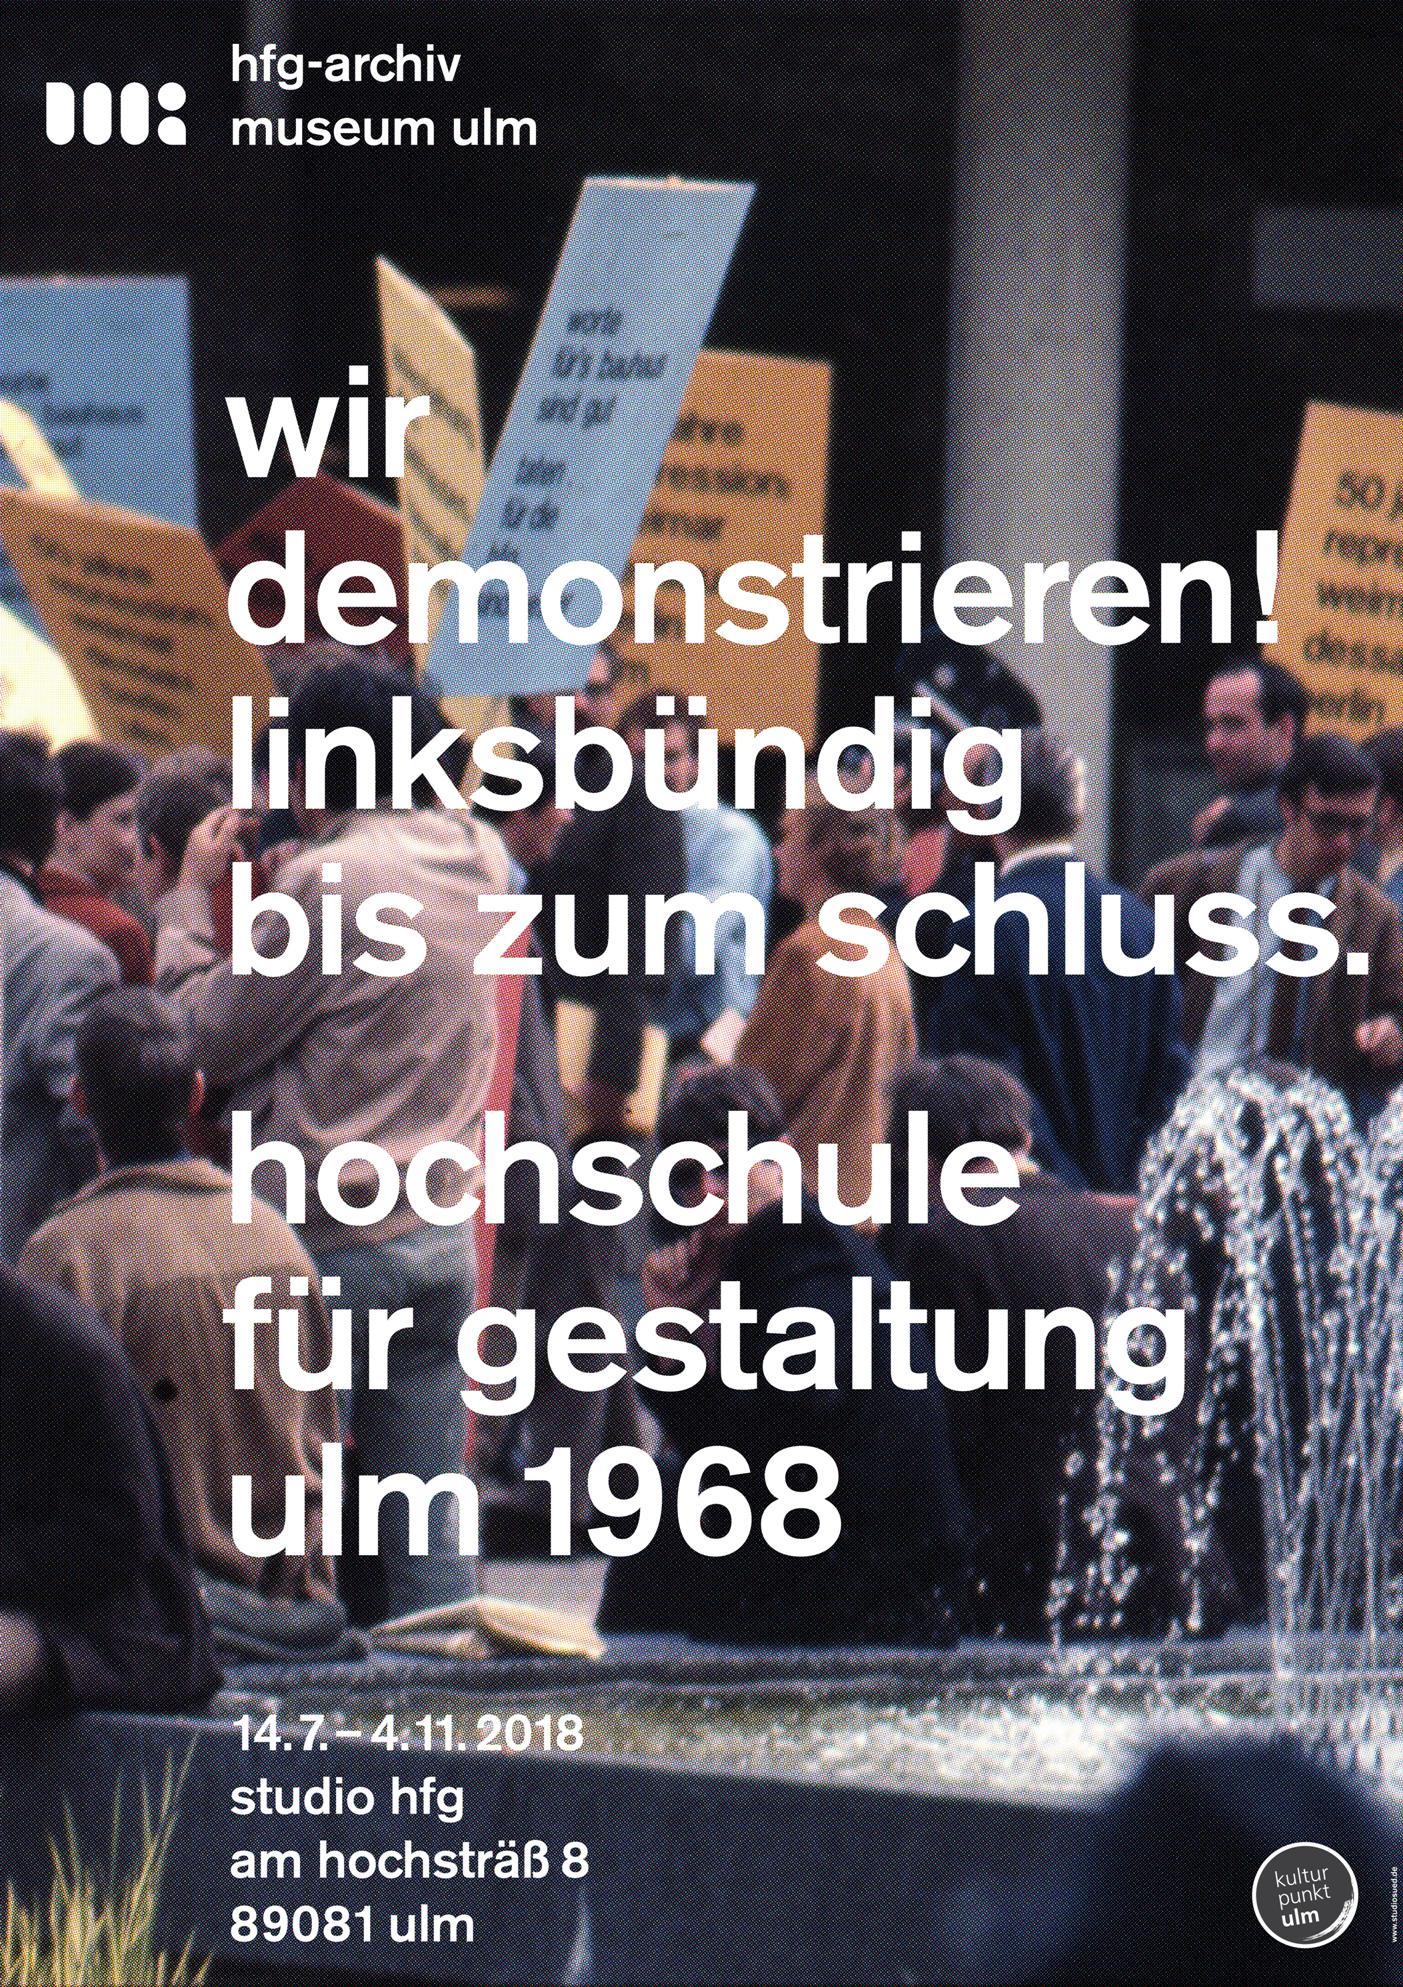 Ausstellungsplakat Wir demonsrieren! HfG-Archiv